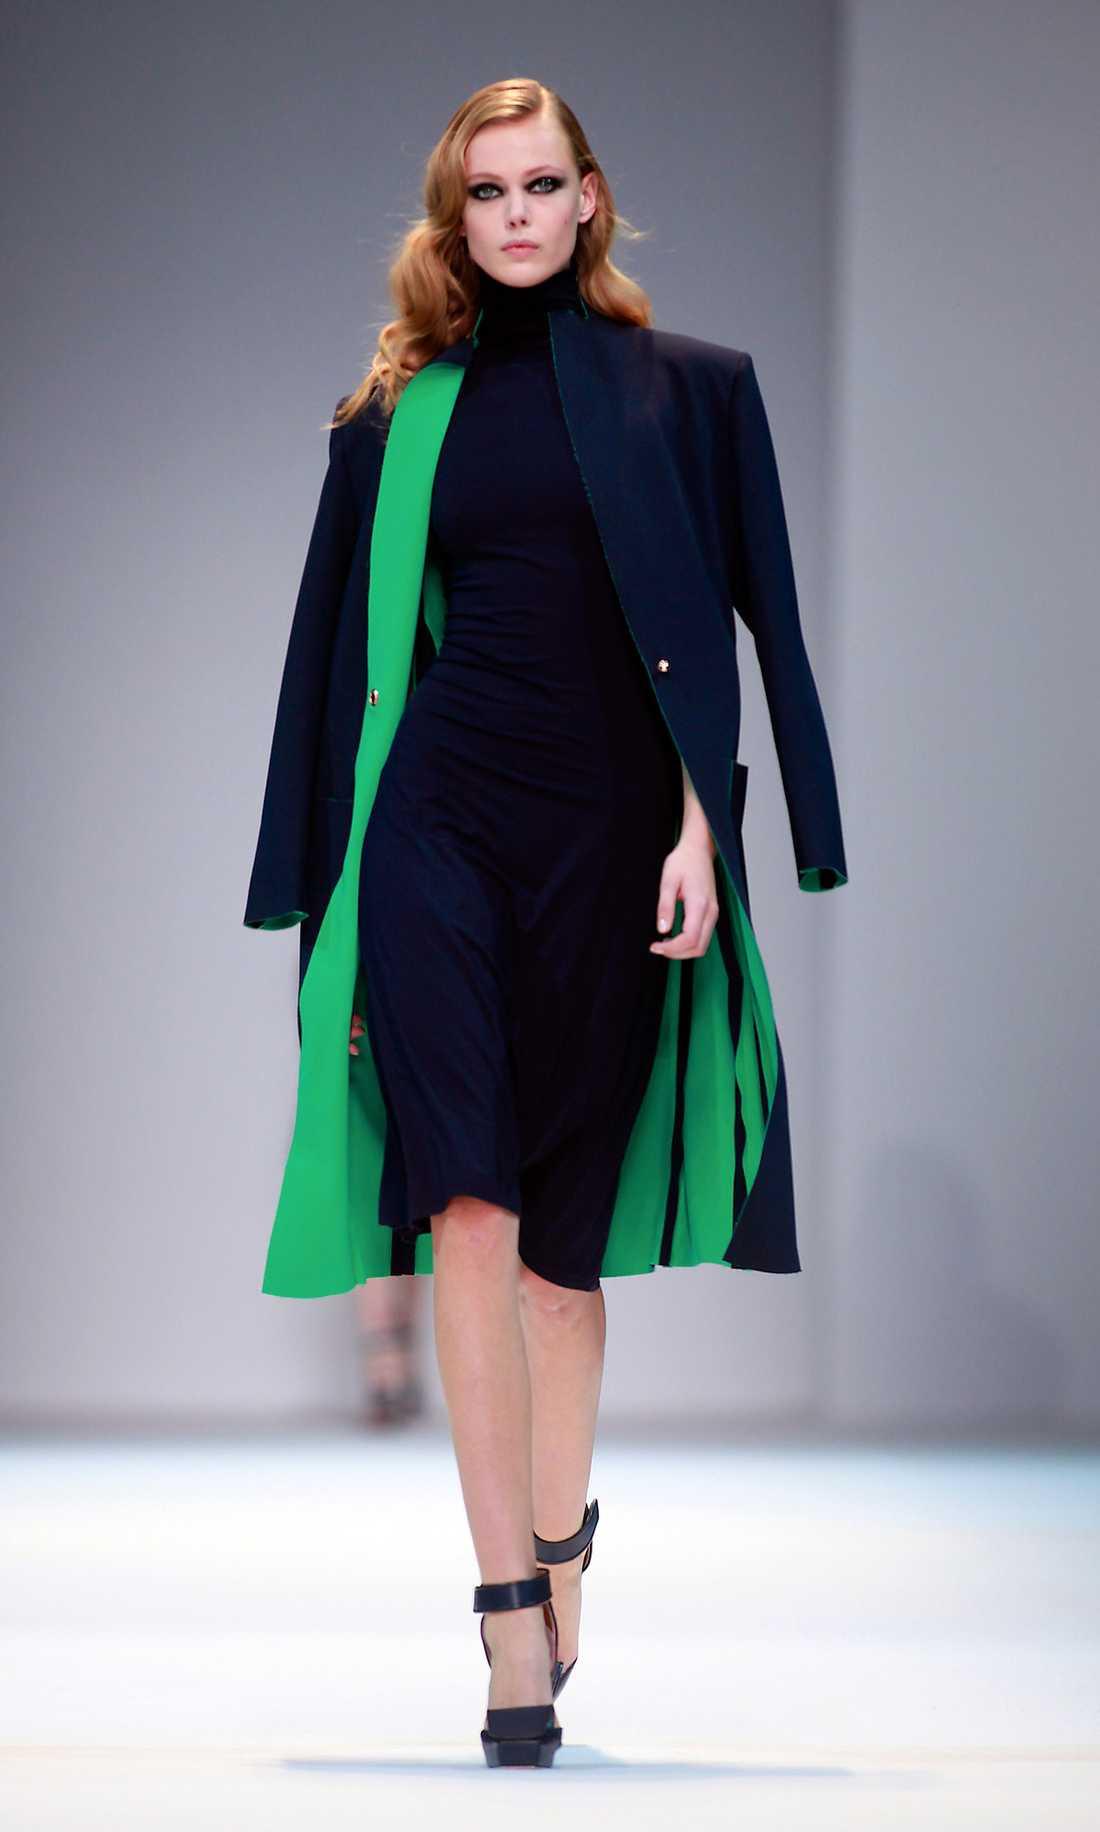 Guy Laroche Frida Gustavsson har gått visningar för i stort sett alla de stora modehusen.